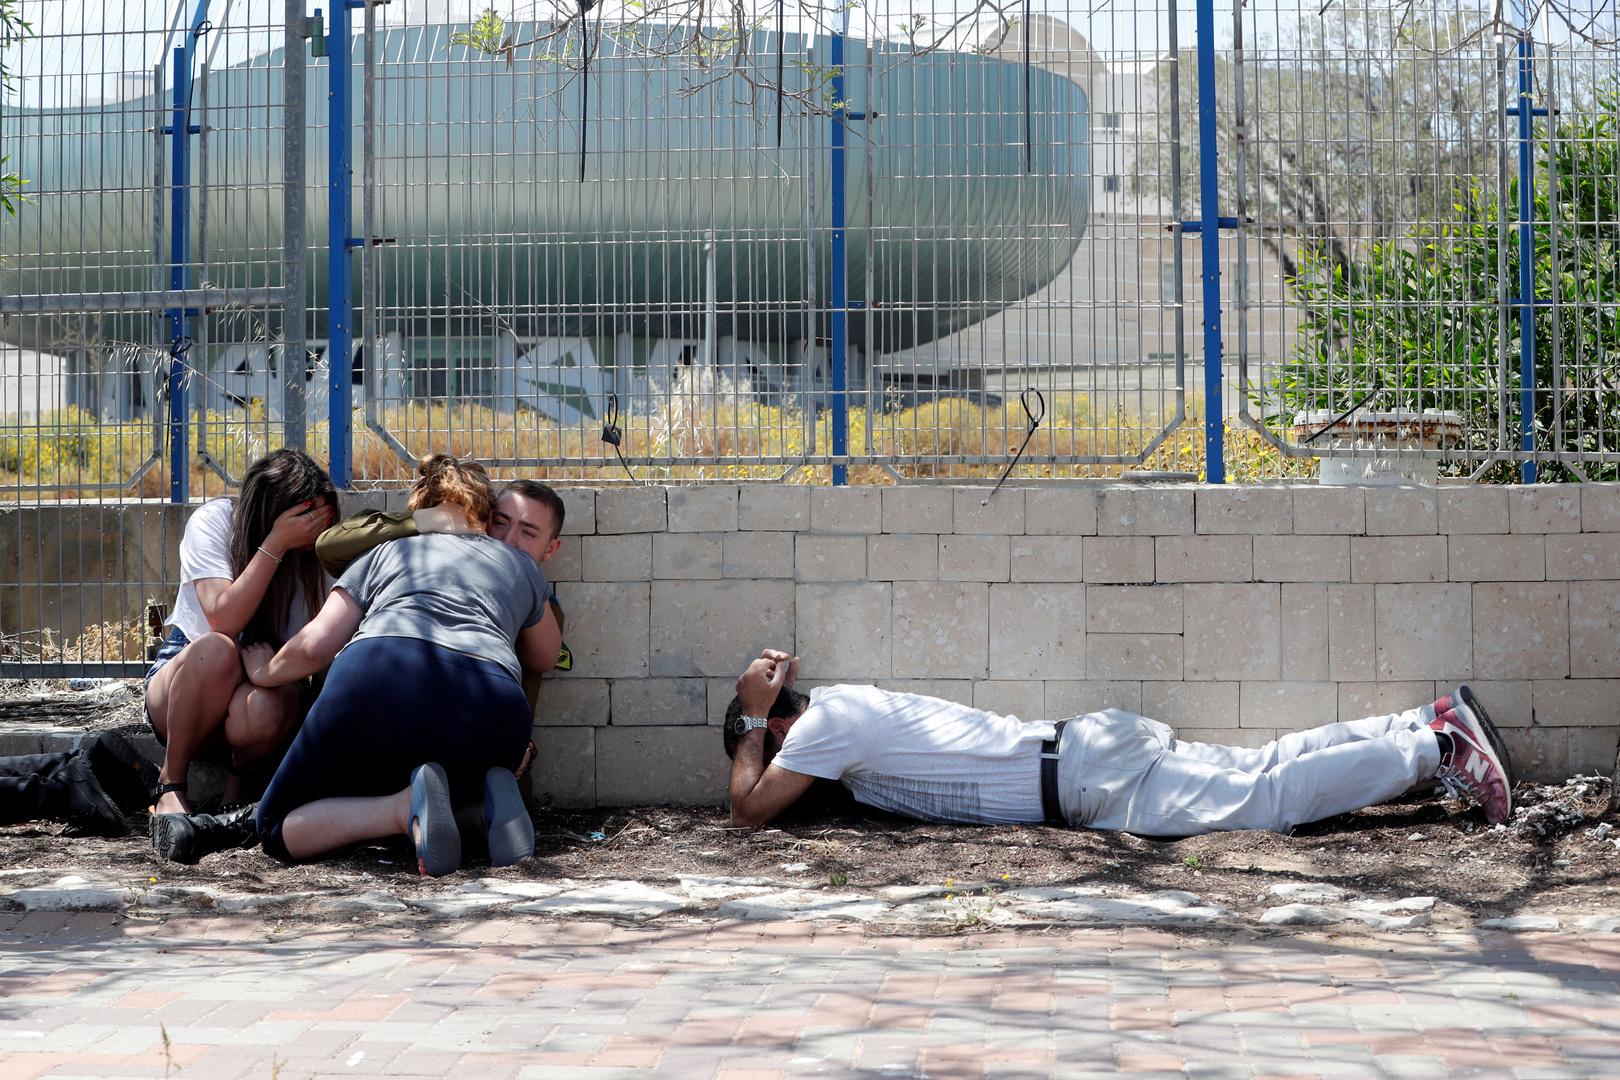 إطلاق صافرات إنذار في إحدى البلدات الإسرائيلية قرب قطاع غزة